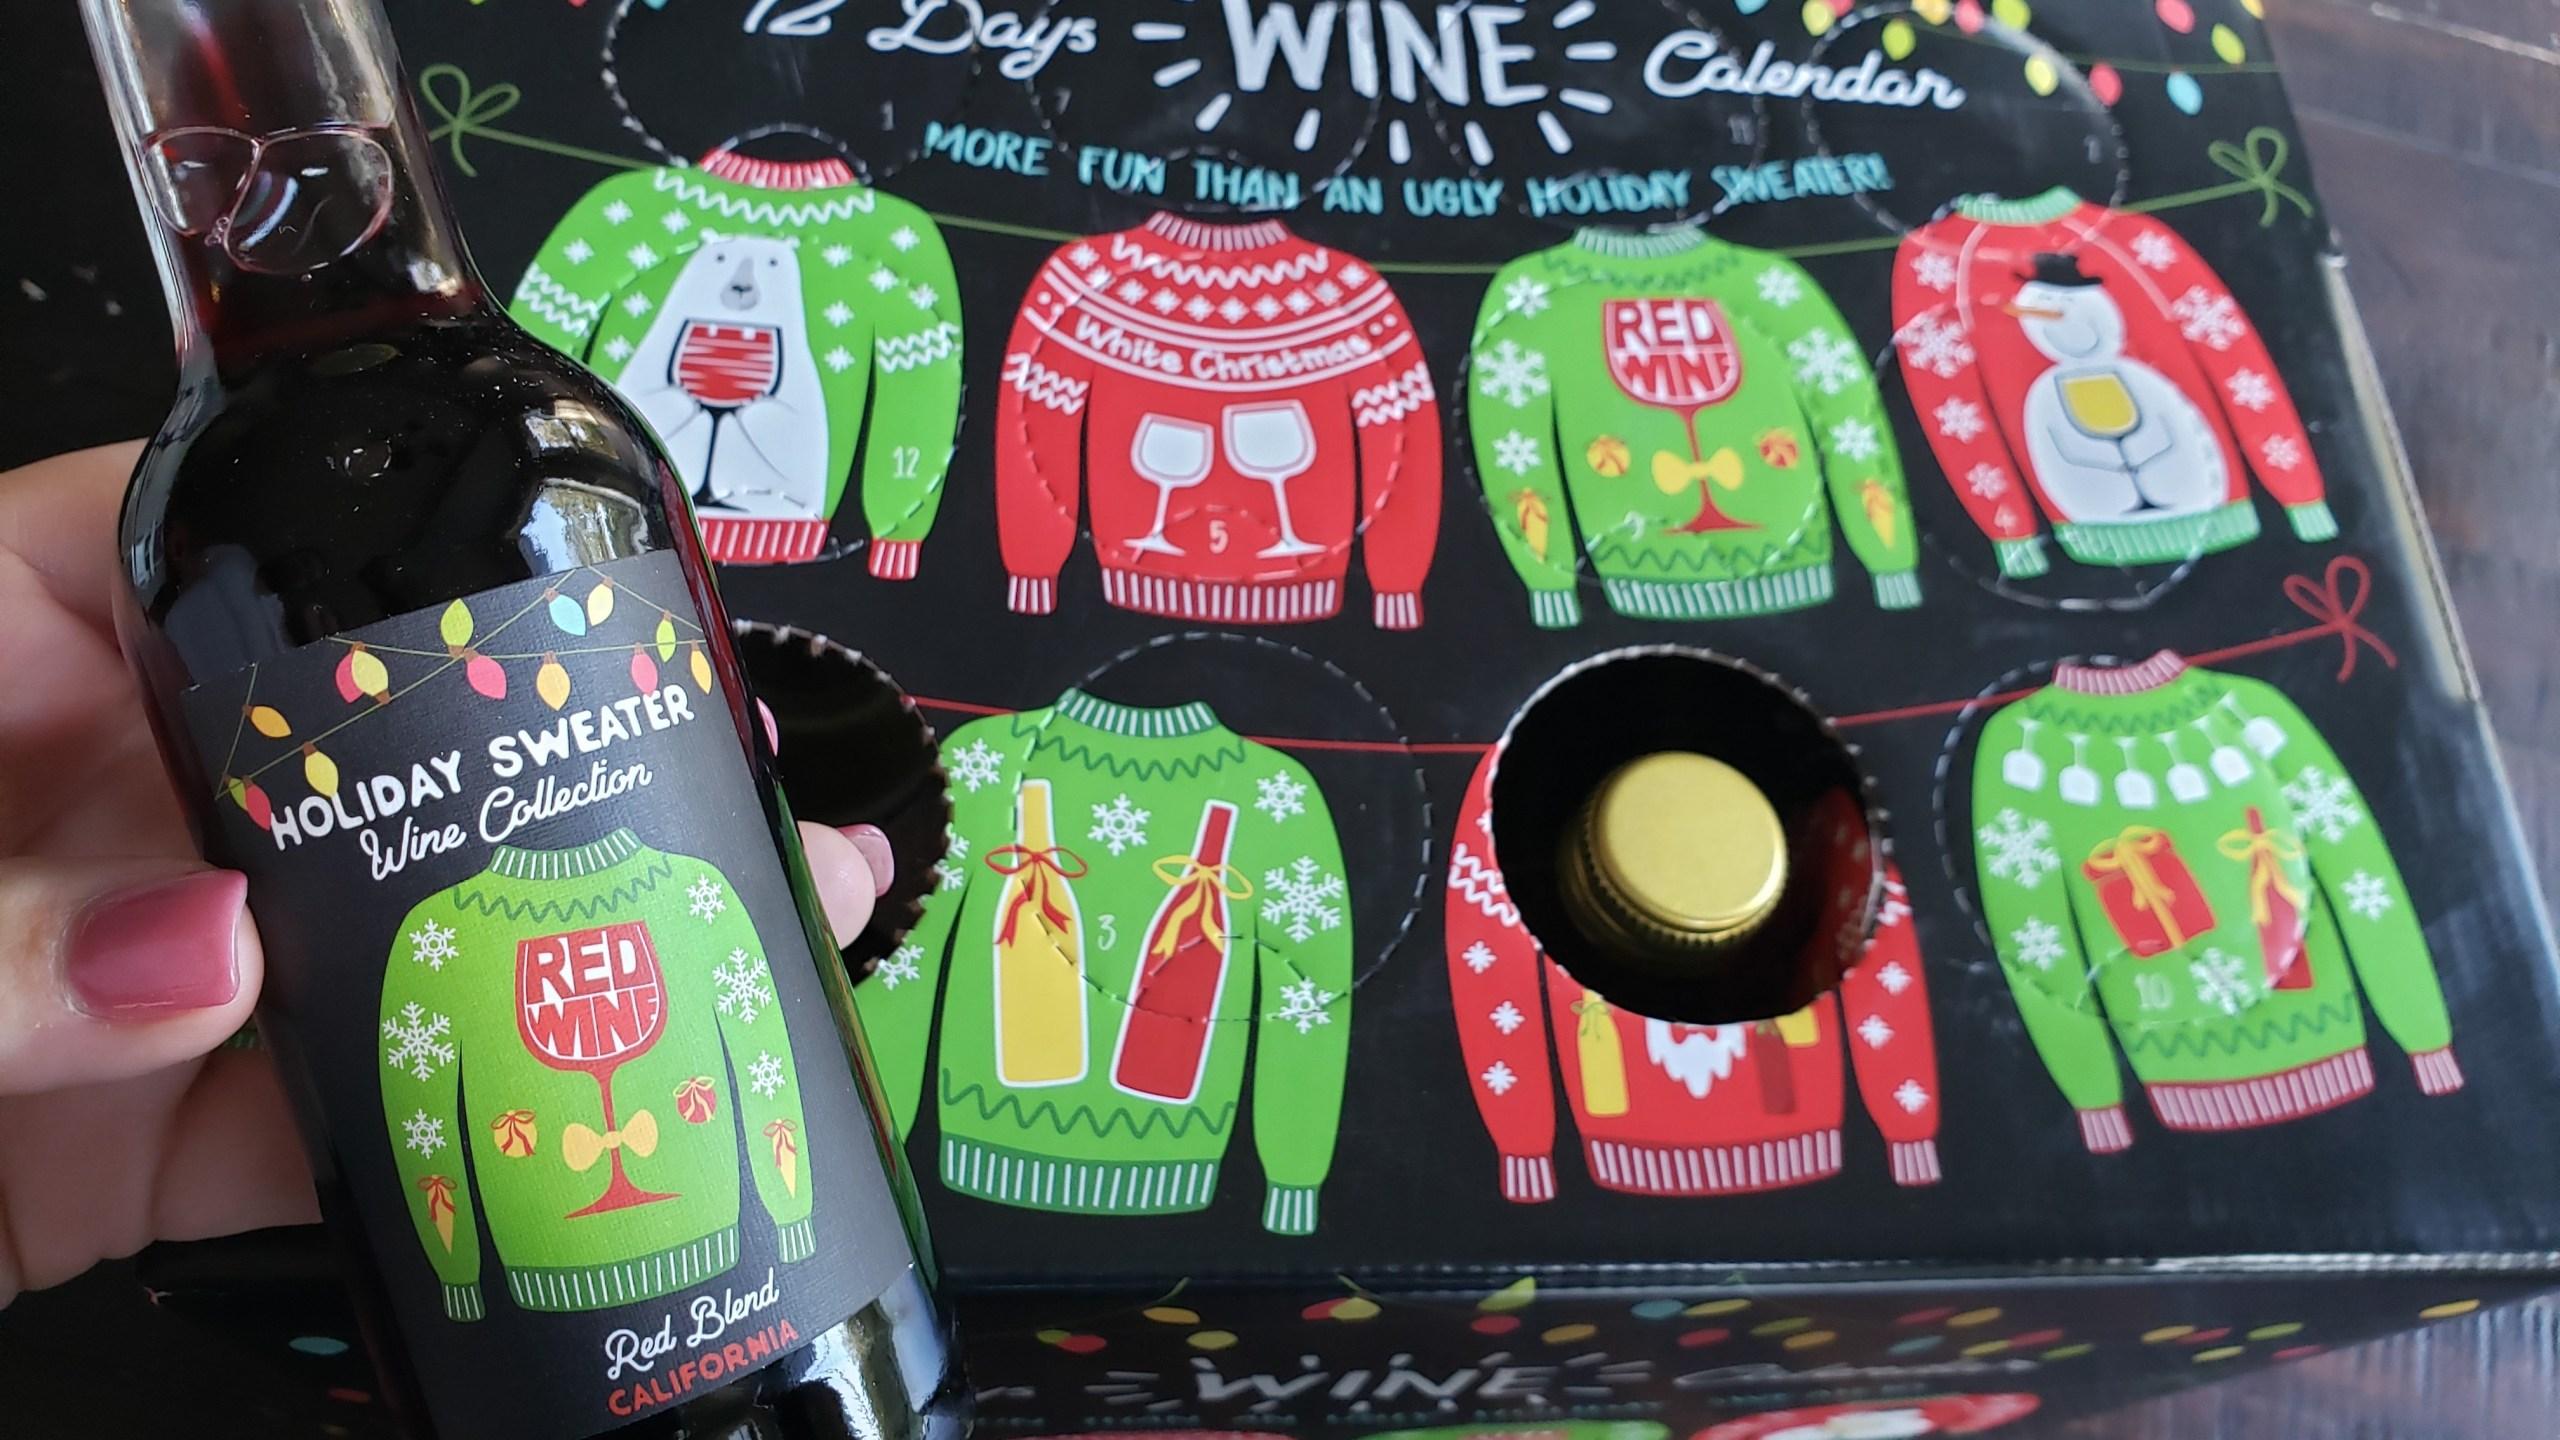 Sams Florence Al Christmas Eve Hours 2020 Sam's Club launches 12 Days of Wine Advent Calendar | WHNT.com